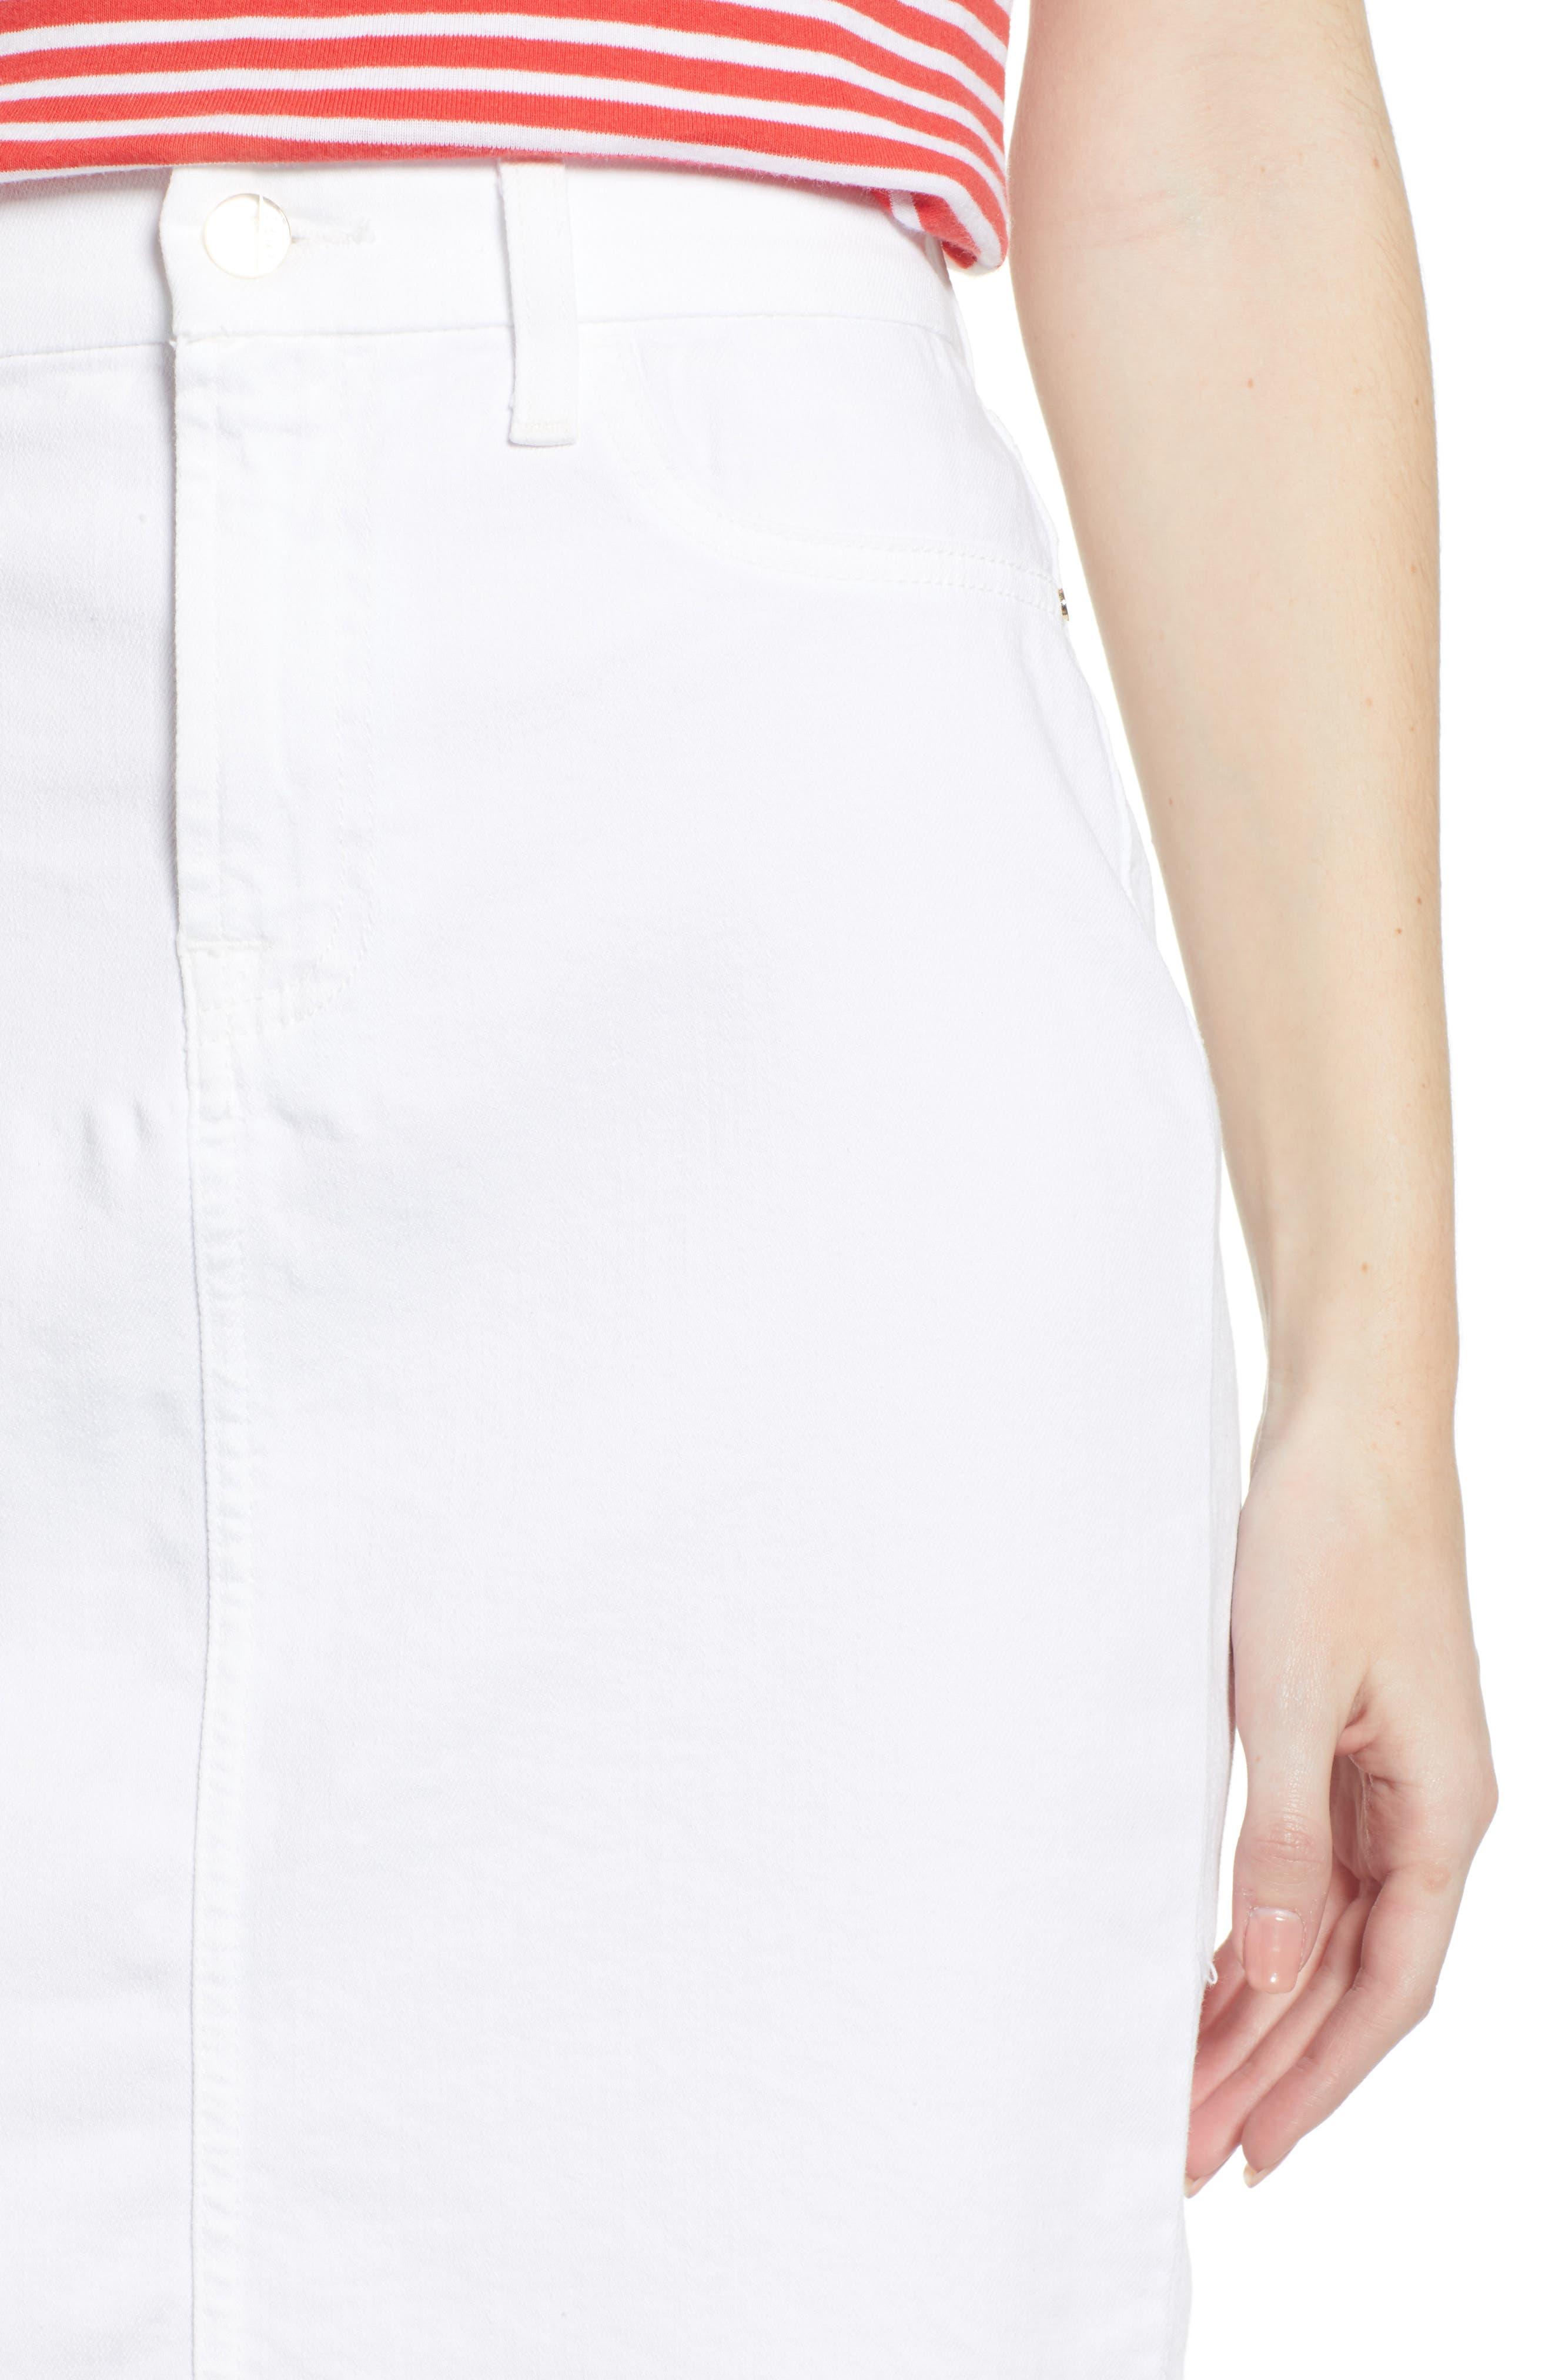 JEN7 BY 7 FOR ALL MANKIND, Frayed Hem Denim Pencil Skirt, Alternate thumbnail 5, color, WHITE